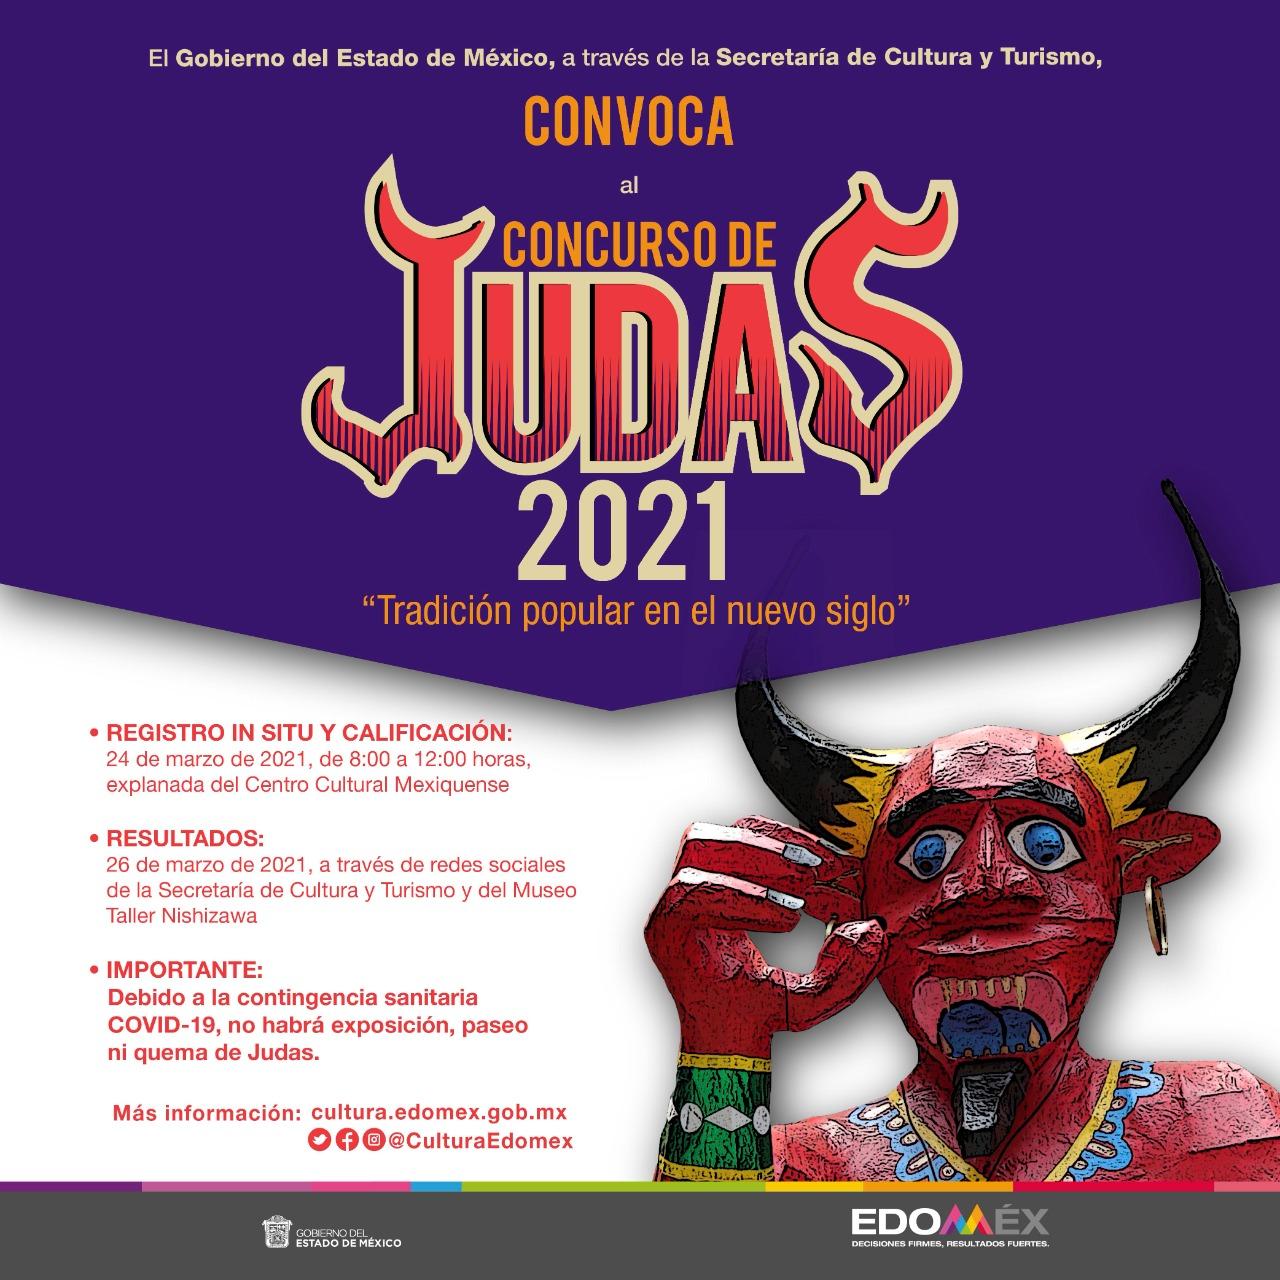 La Secretaría de Cultura y Turismo del Estado de México lanza la Convocatoria Judas 2021